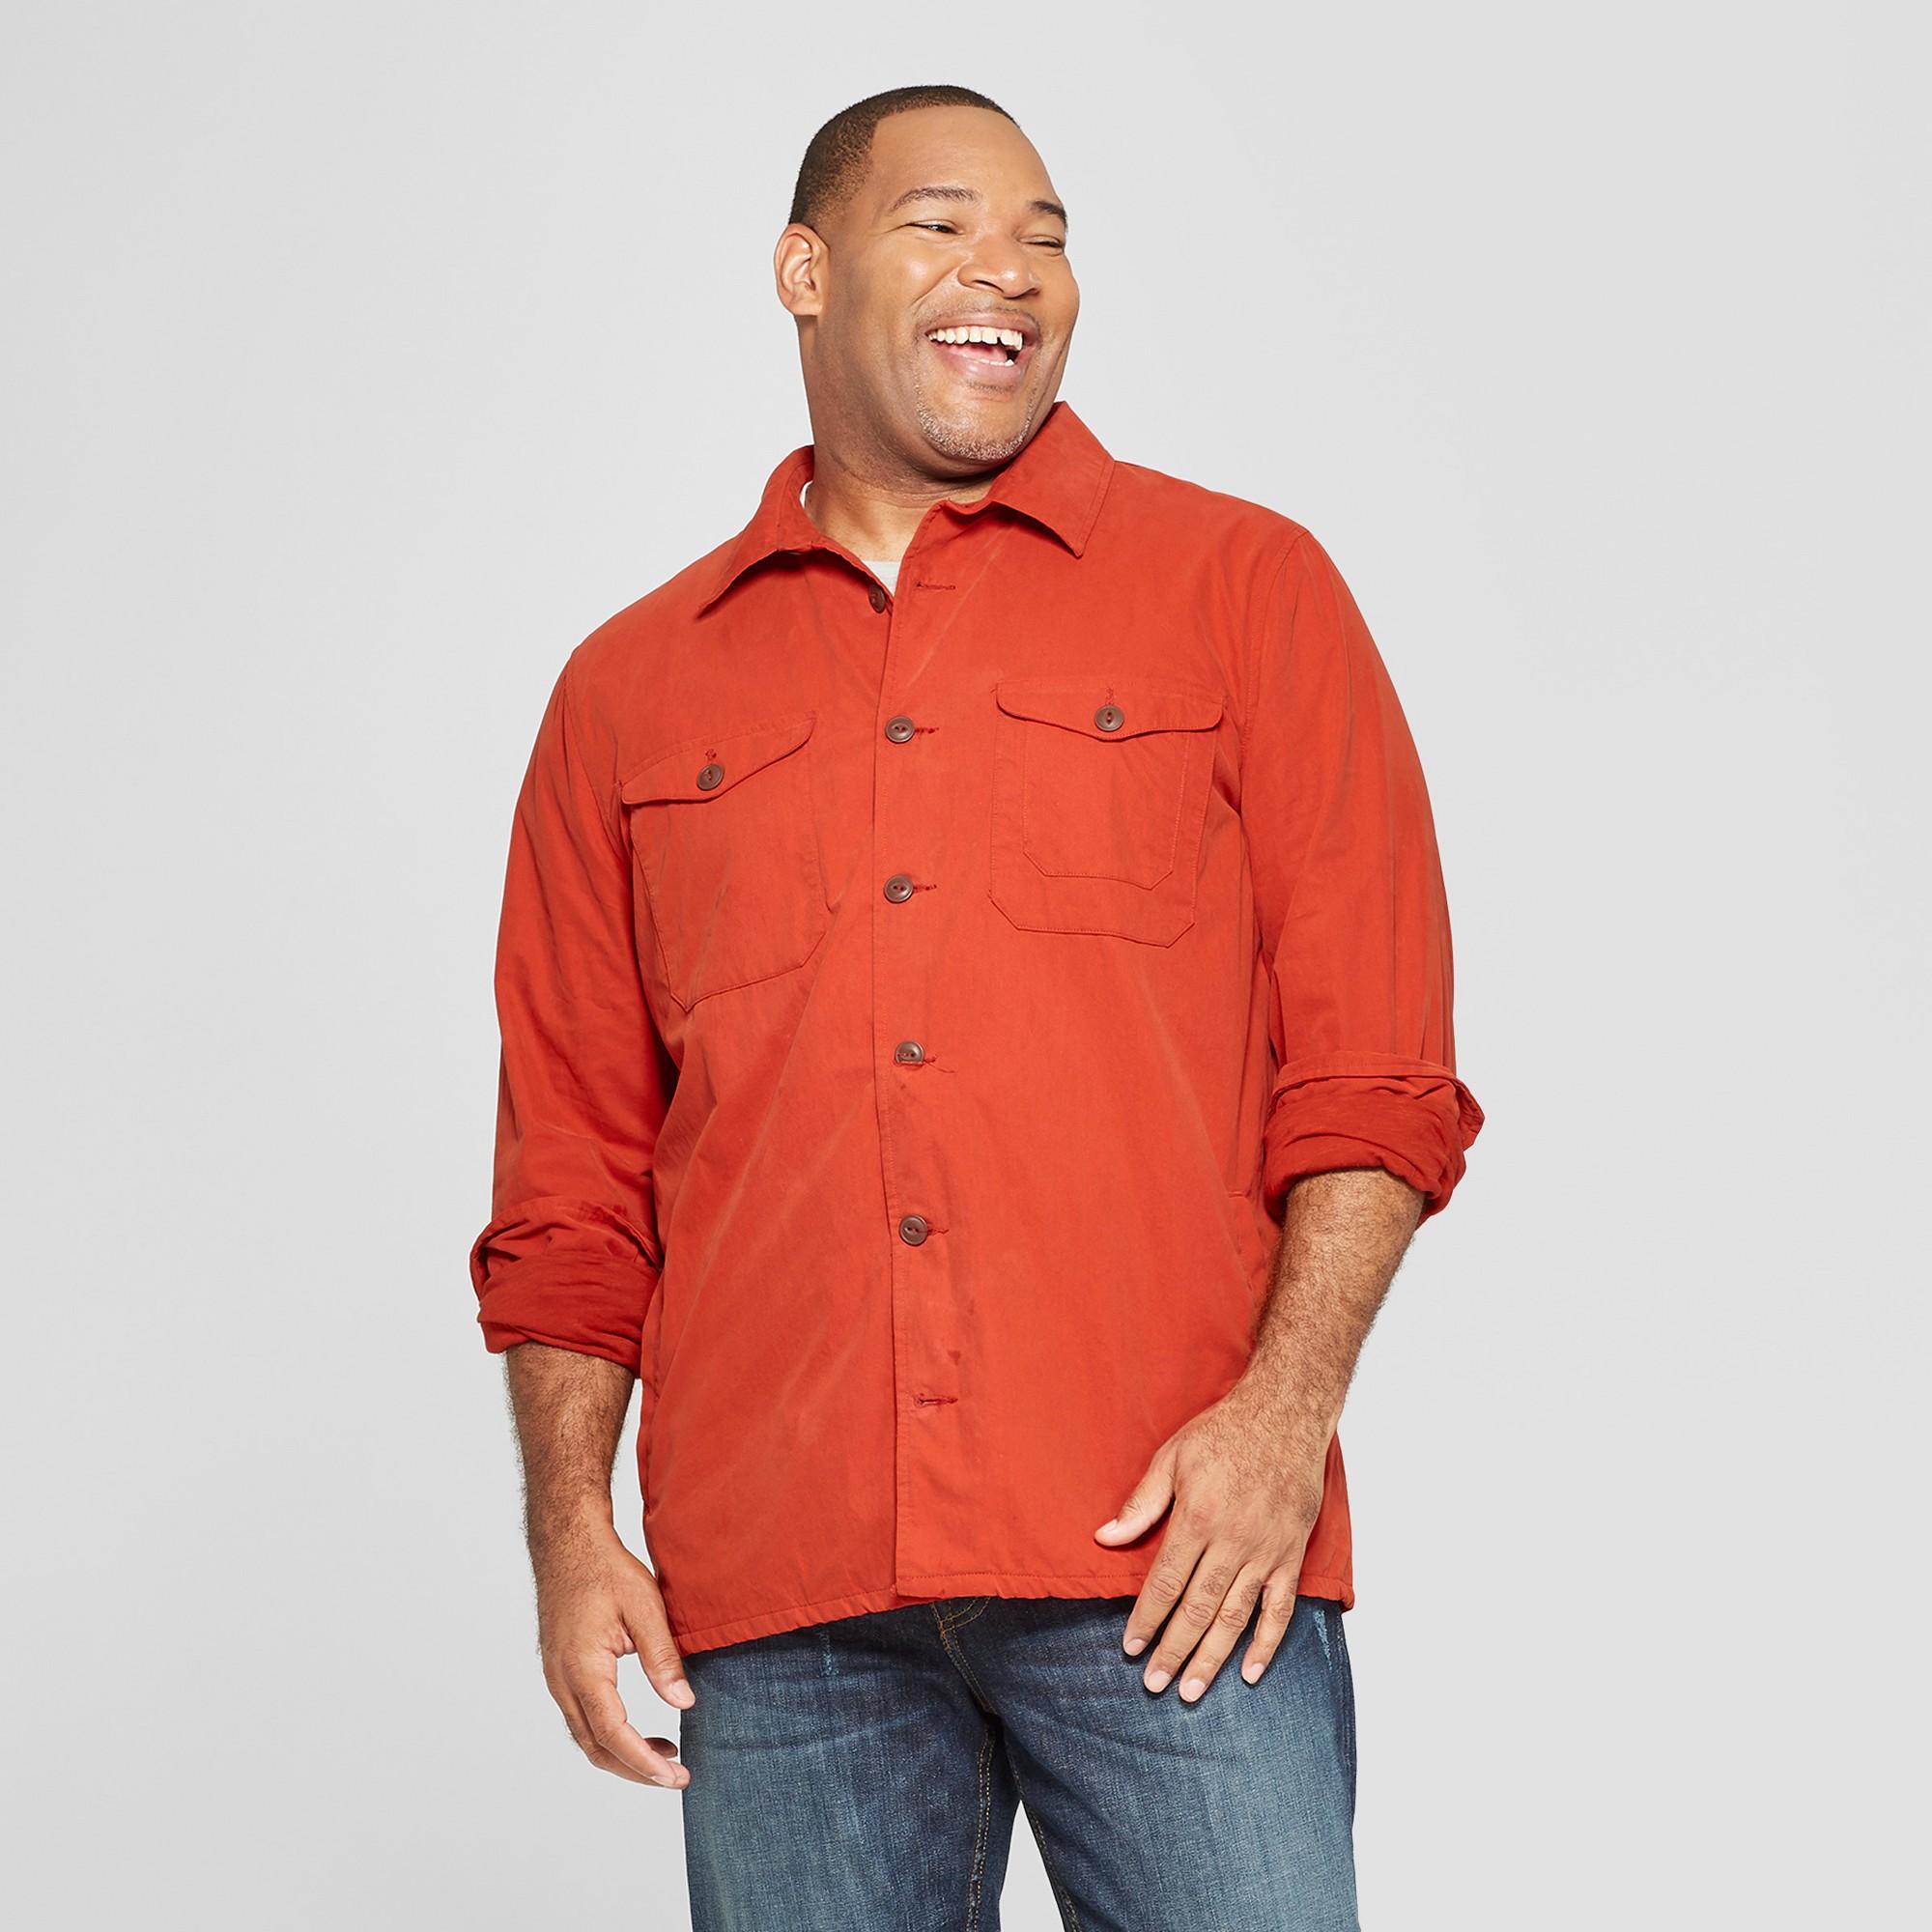 Men's Big & Tall Lightweight Shirt Jacket - Goodfellow & Co Red Oak 3XBT